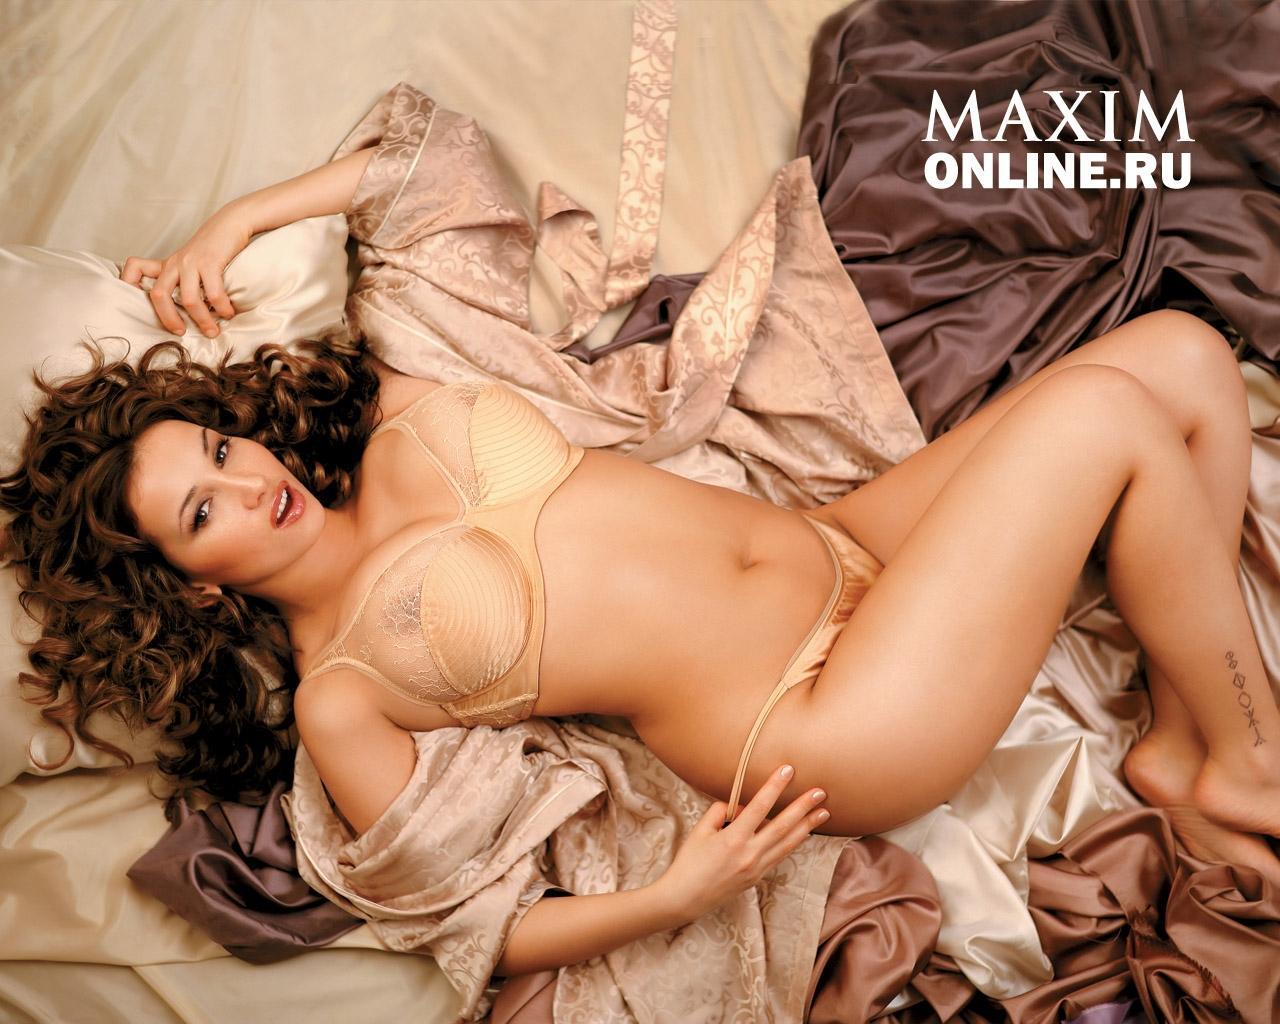 Фото интим россия, самые лучшие фотки анального секса